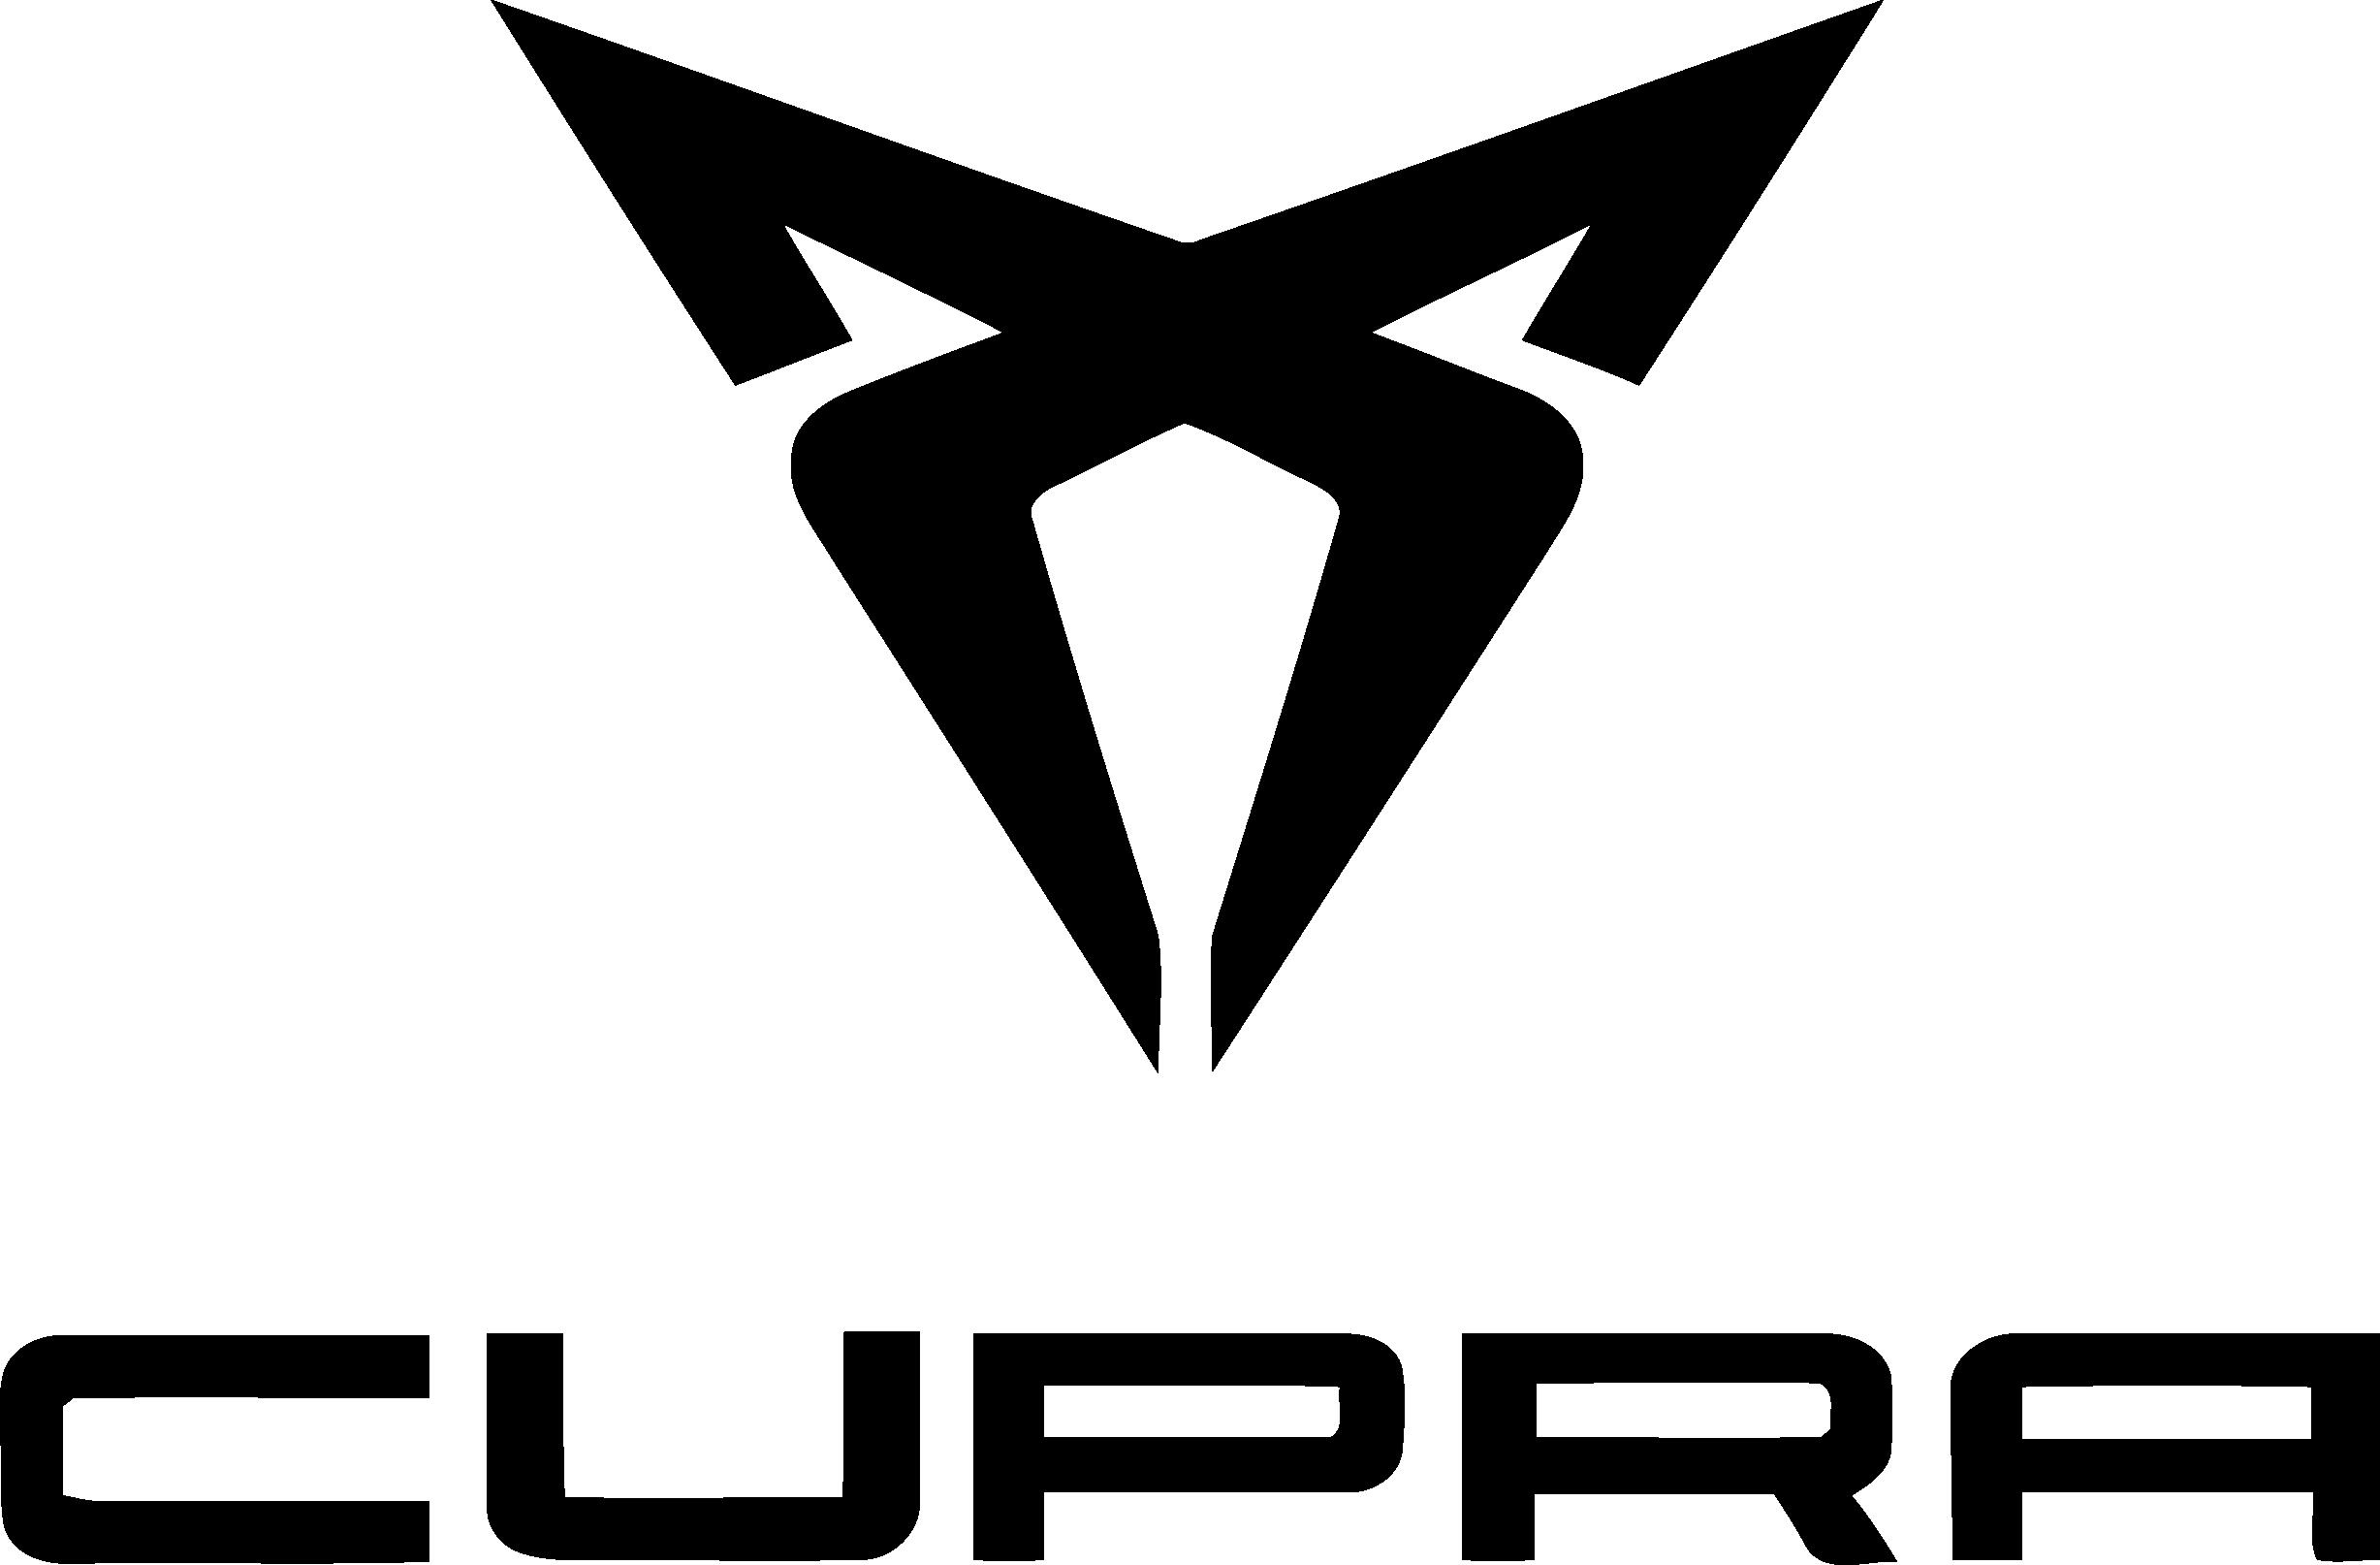 CONCESSIONARIO CUPRA USATE Idea Auto Srl a Bomporto in provincia di Modena: acquisto auto e veicoli commerciali in contanti, soccorso stradale H24, carroattrezzi sempre operativo, vendita auto nuove e usate, veicoli commerciali nuovi e usati